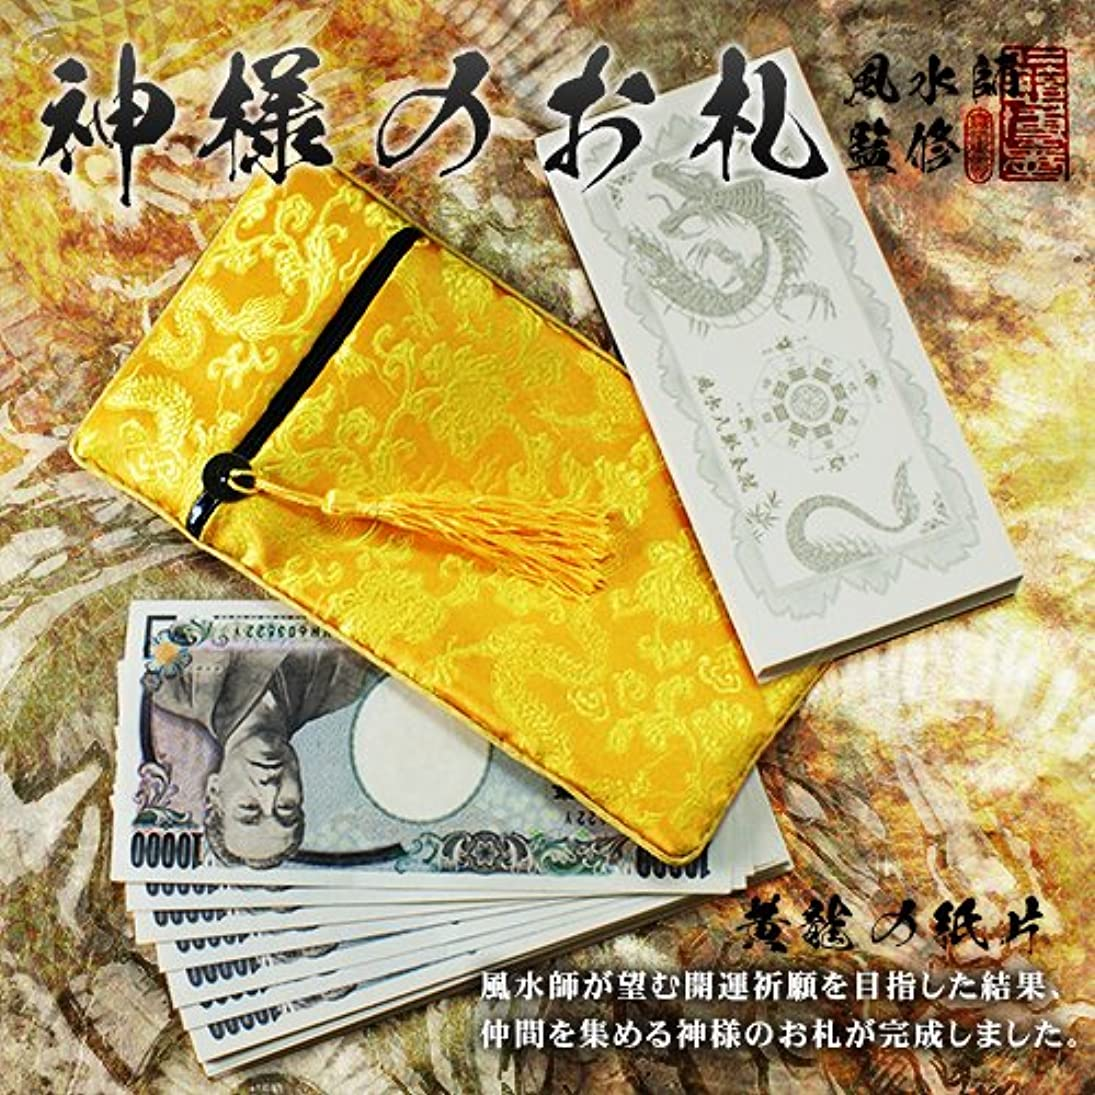 増加する慈善引き出し神様のお札 ~黄金黄龍の紙片~